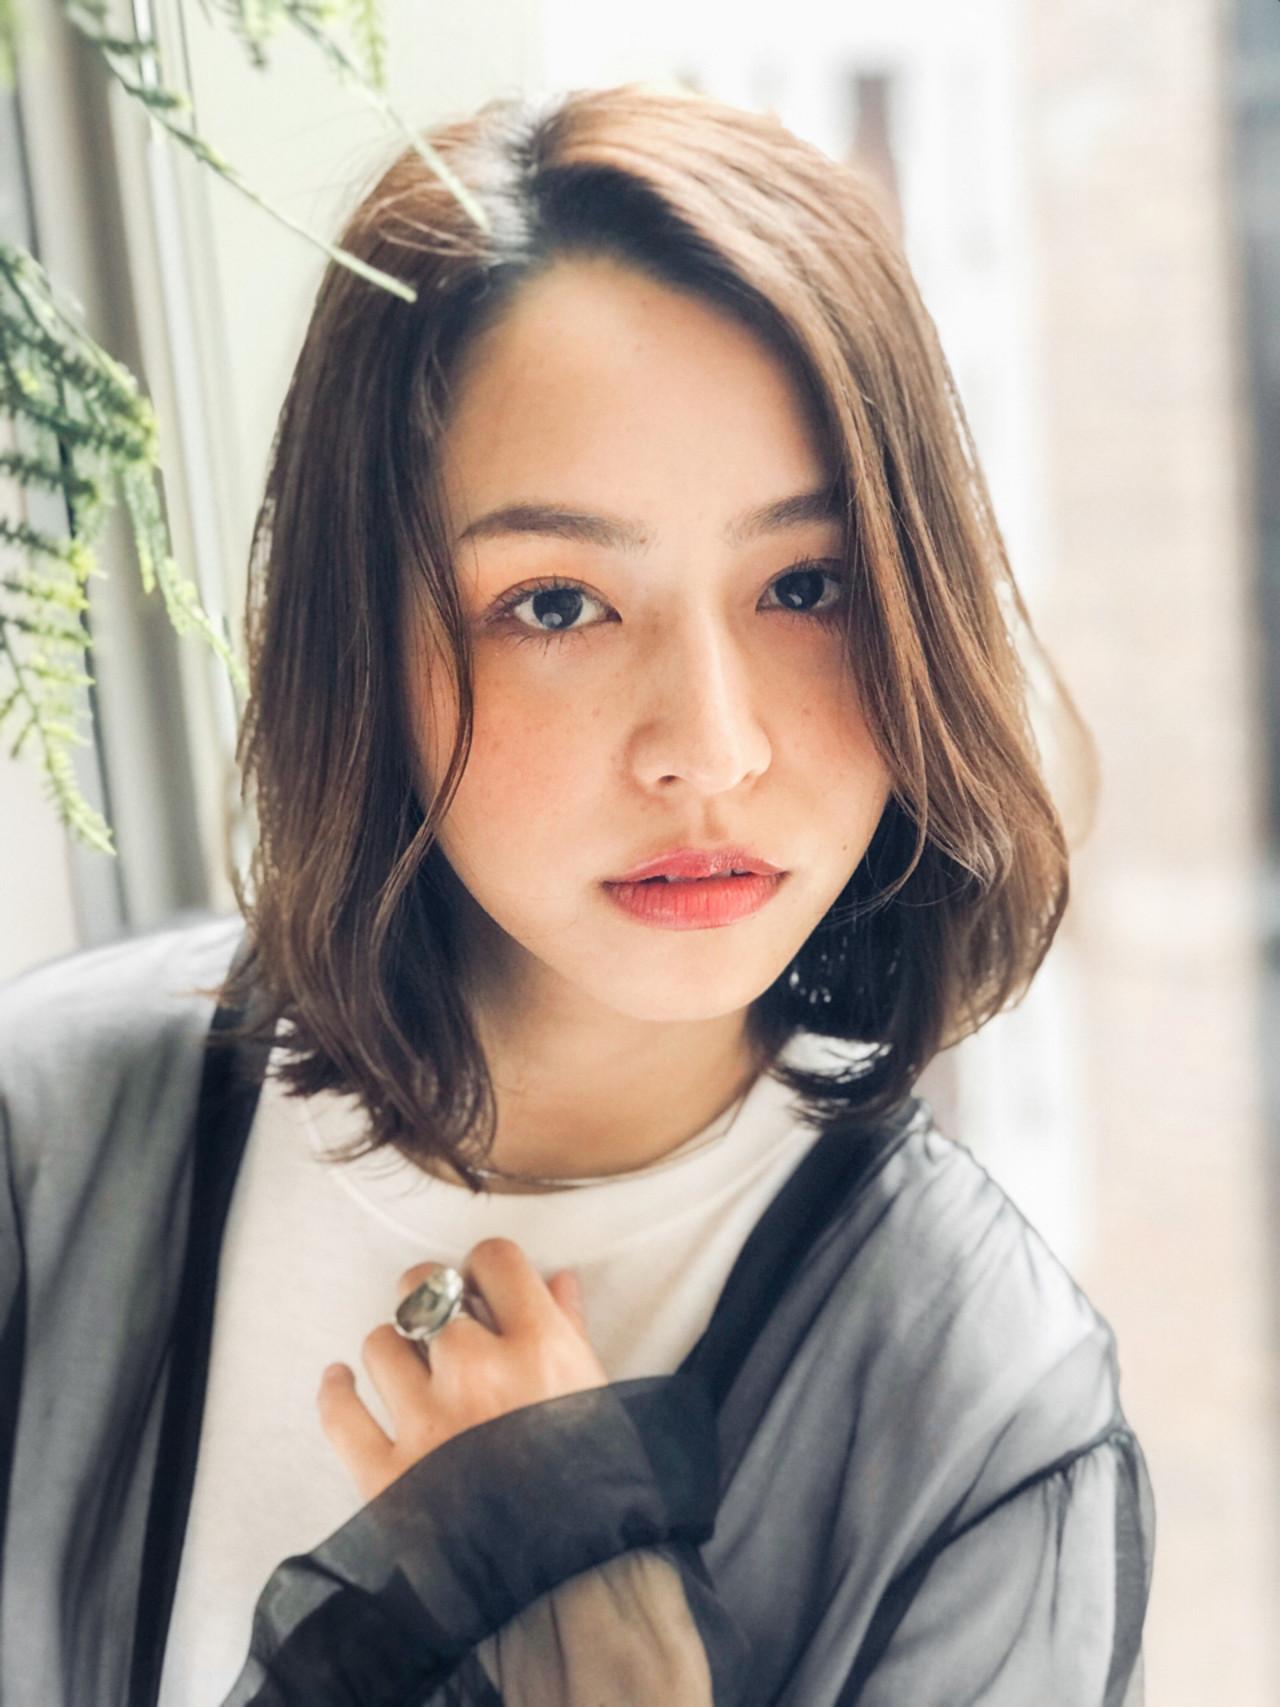 レイヤーカットで魅せるカジュアルミディアム GARDEN harajyuku 細田